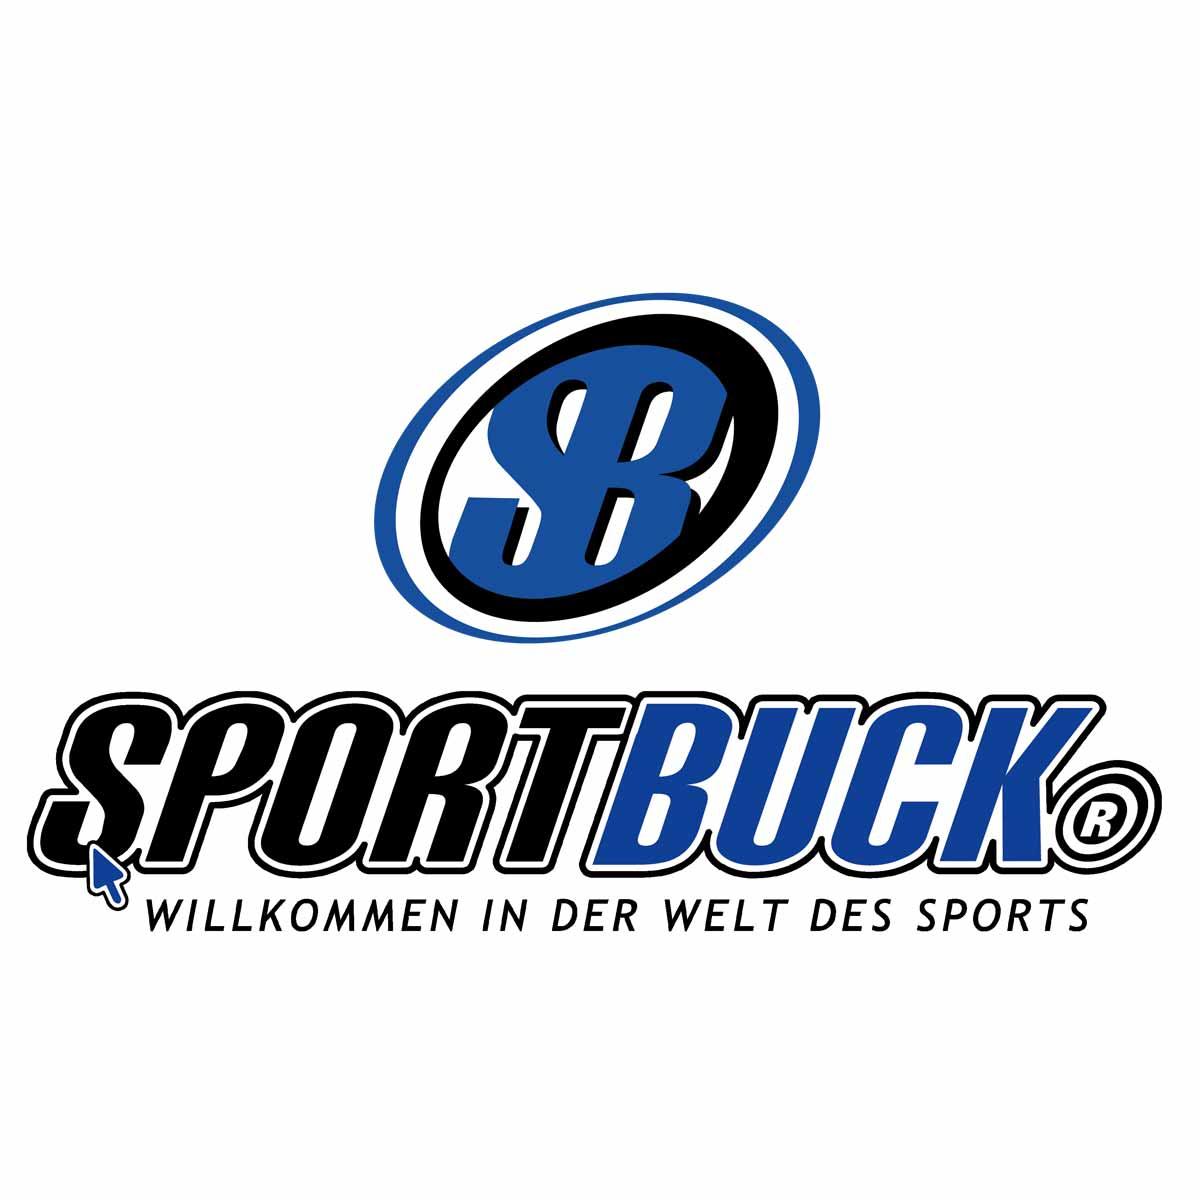 Protein Plus 52% Chocolate Nut 20 x 50g - Mindesthaltbarkeit 30.11.2021